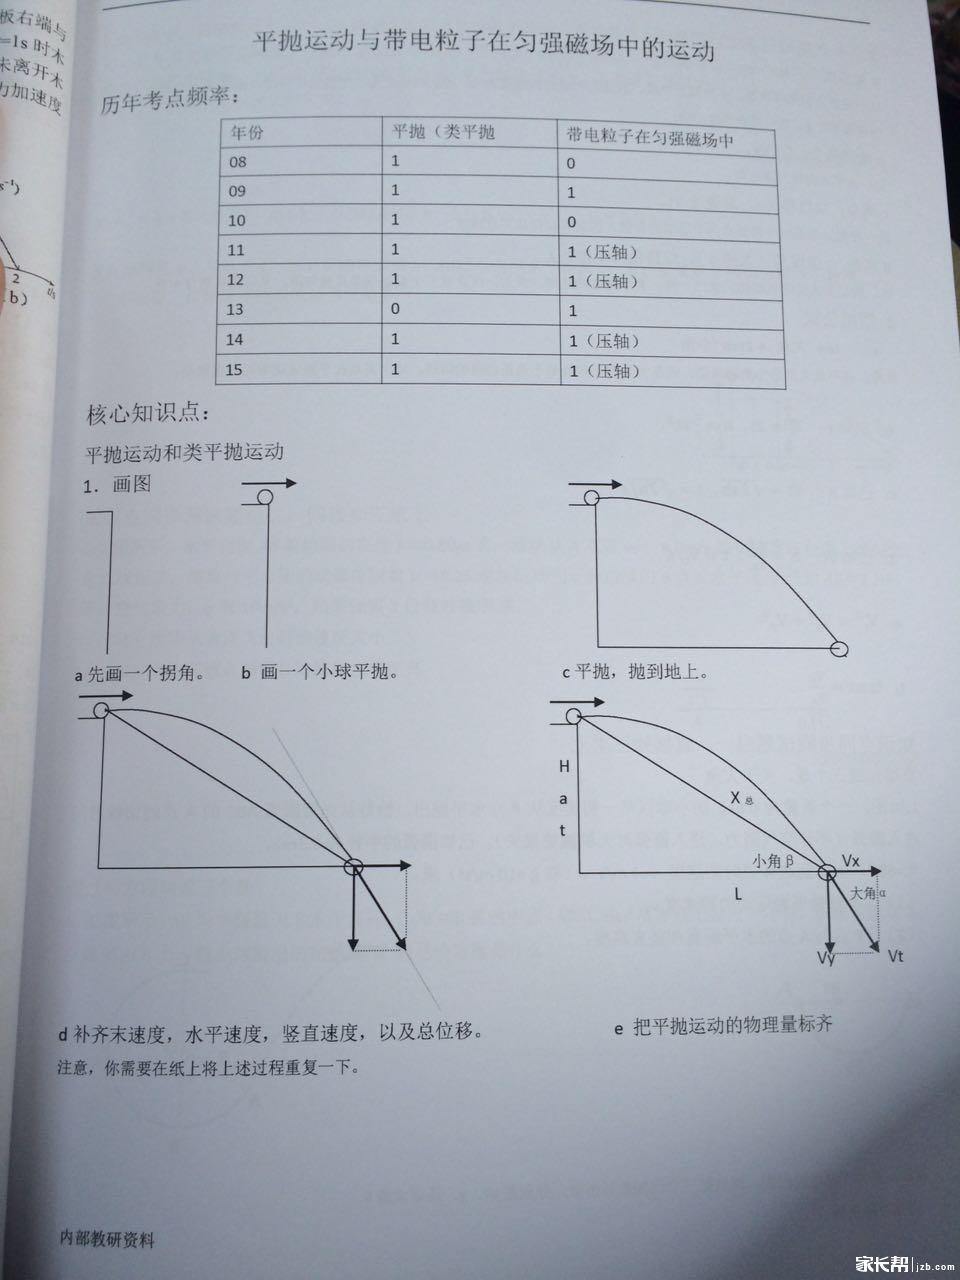 定性画出变压器t型等效电路图